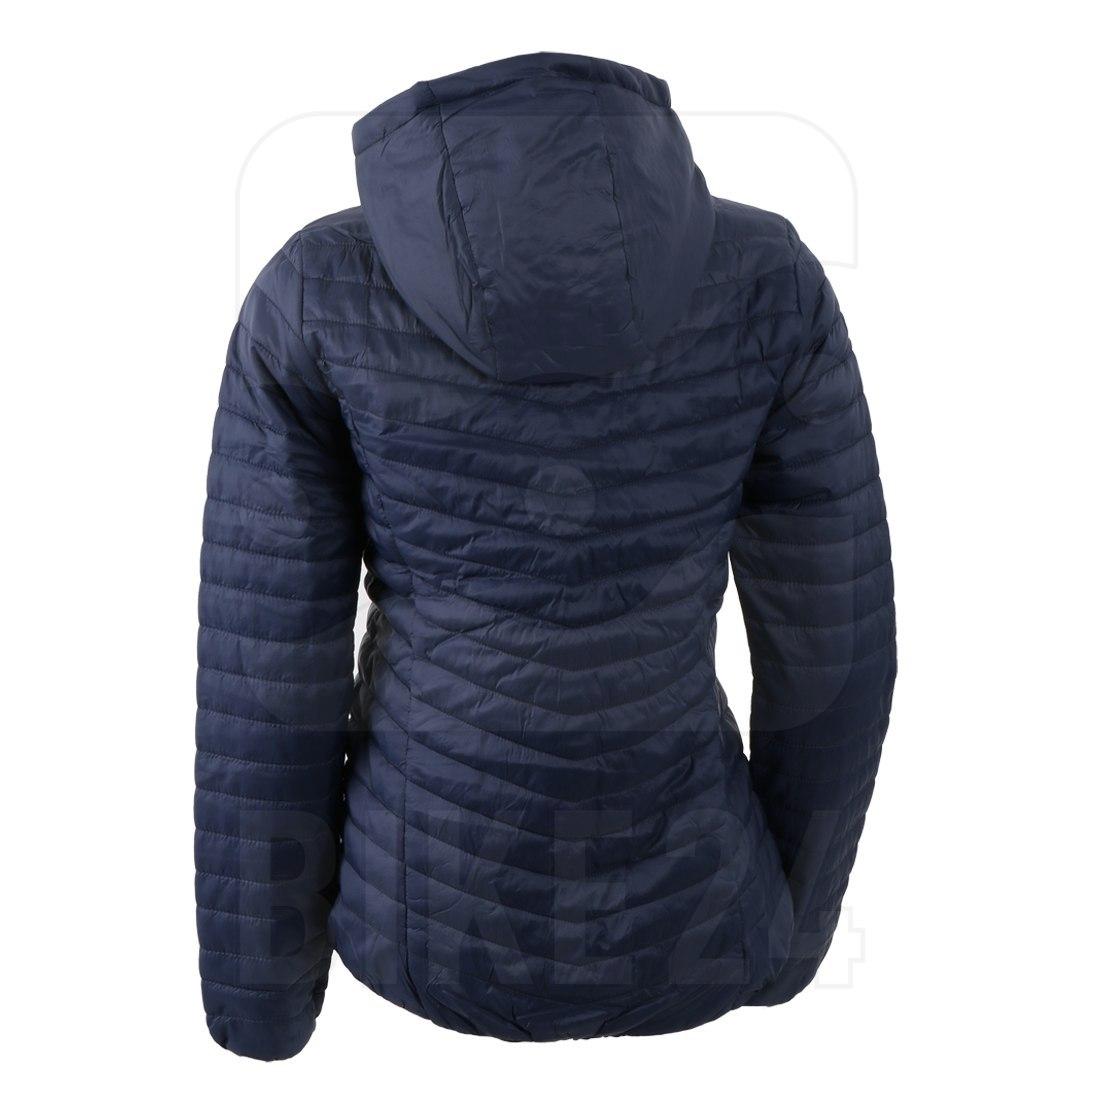 Imagen de 4F Women's Jacket KUDP004 - dark blue